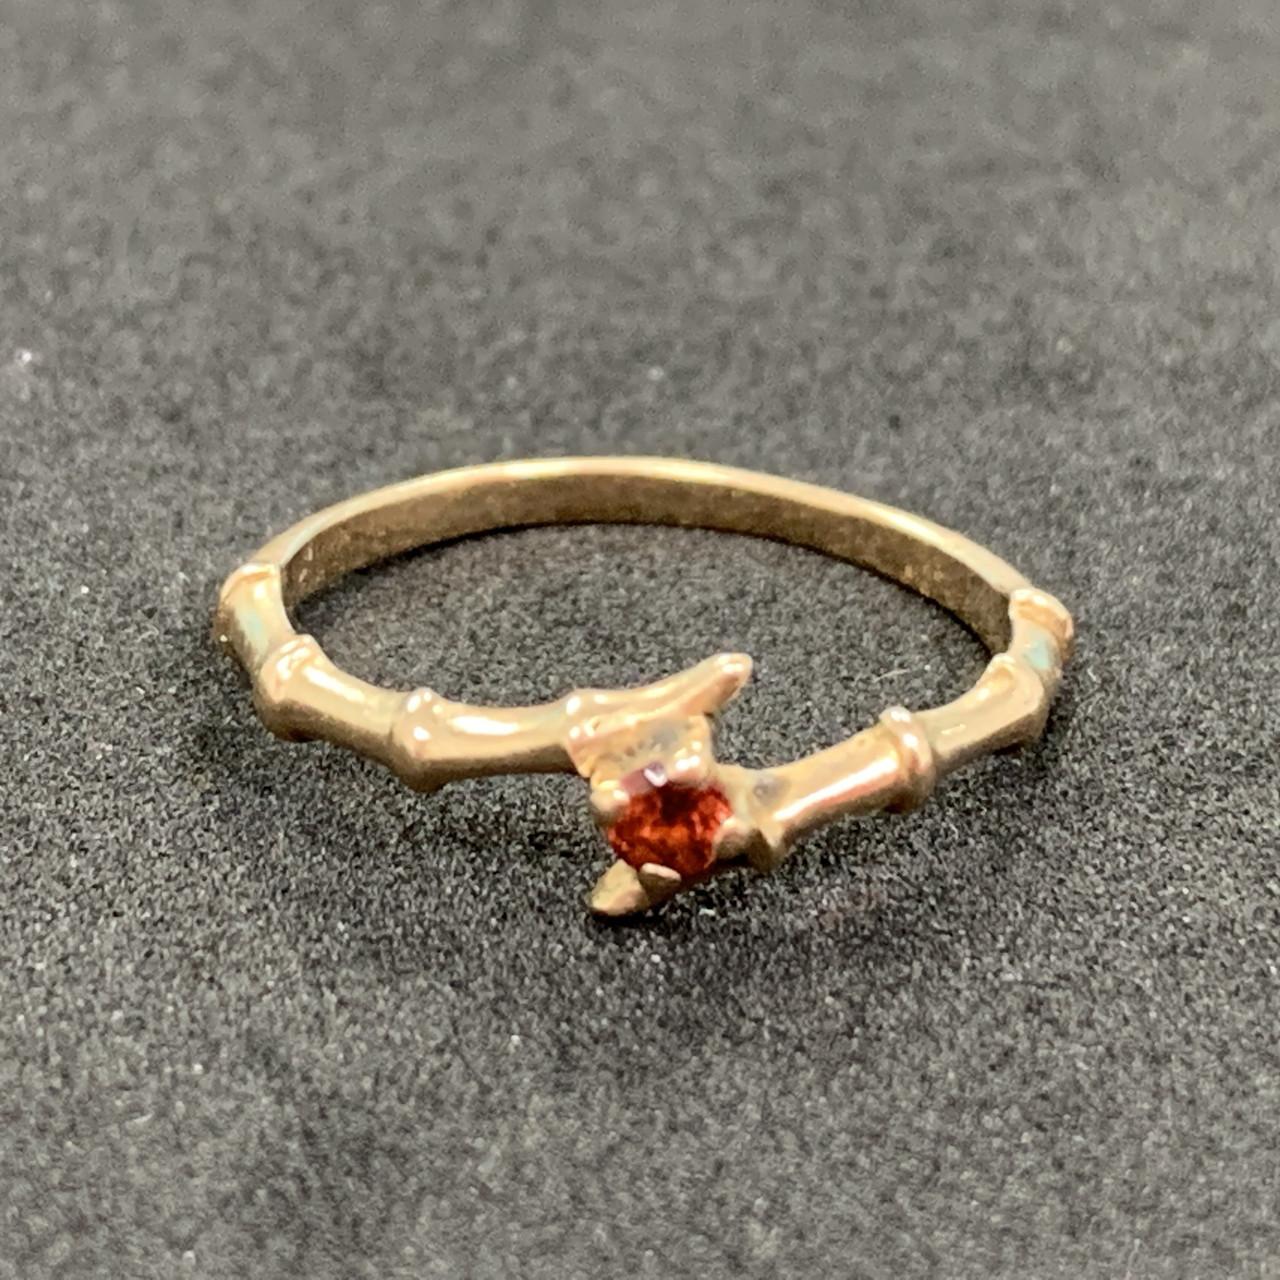 Золотое кольцо БУ 585 пробы со вставкой из граната, вес 1,37